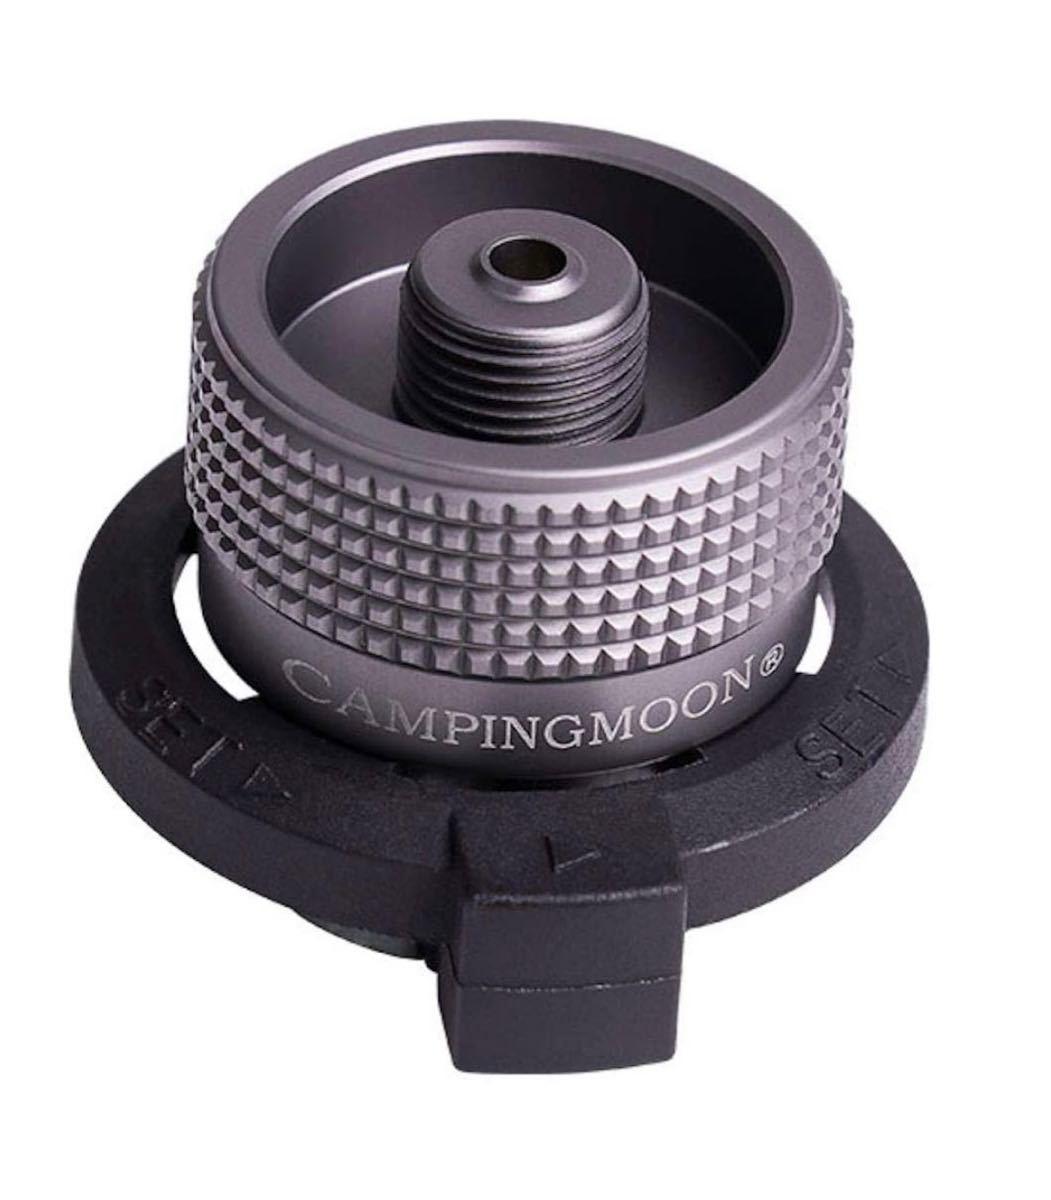 キャンピングムーン(CAMPING MOON) OD缶-CB缶へ 互換アダプター 変換アダプター